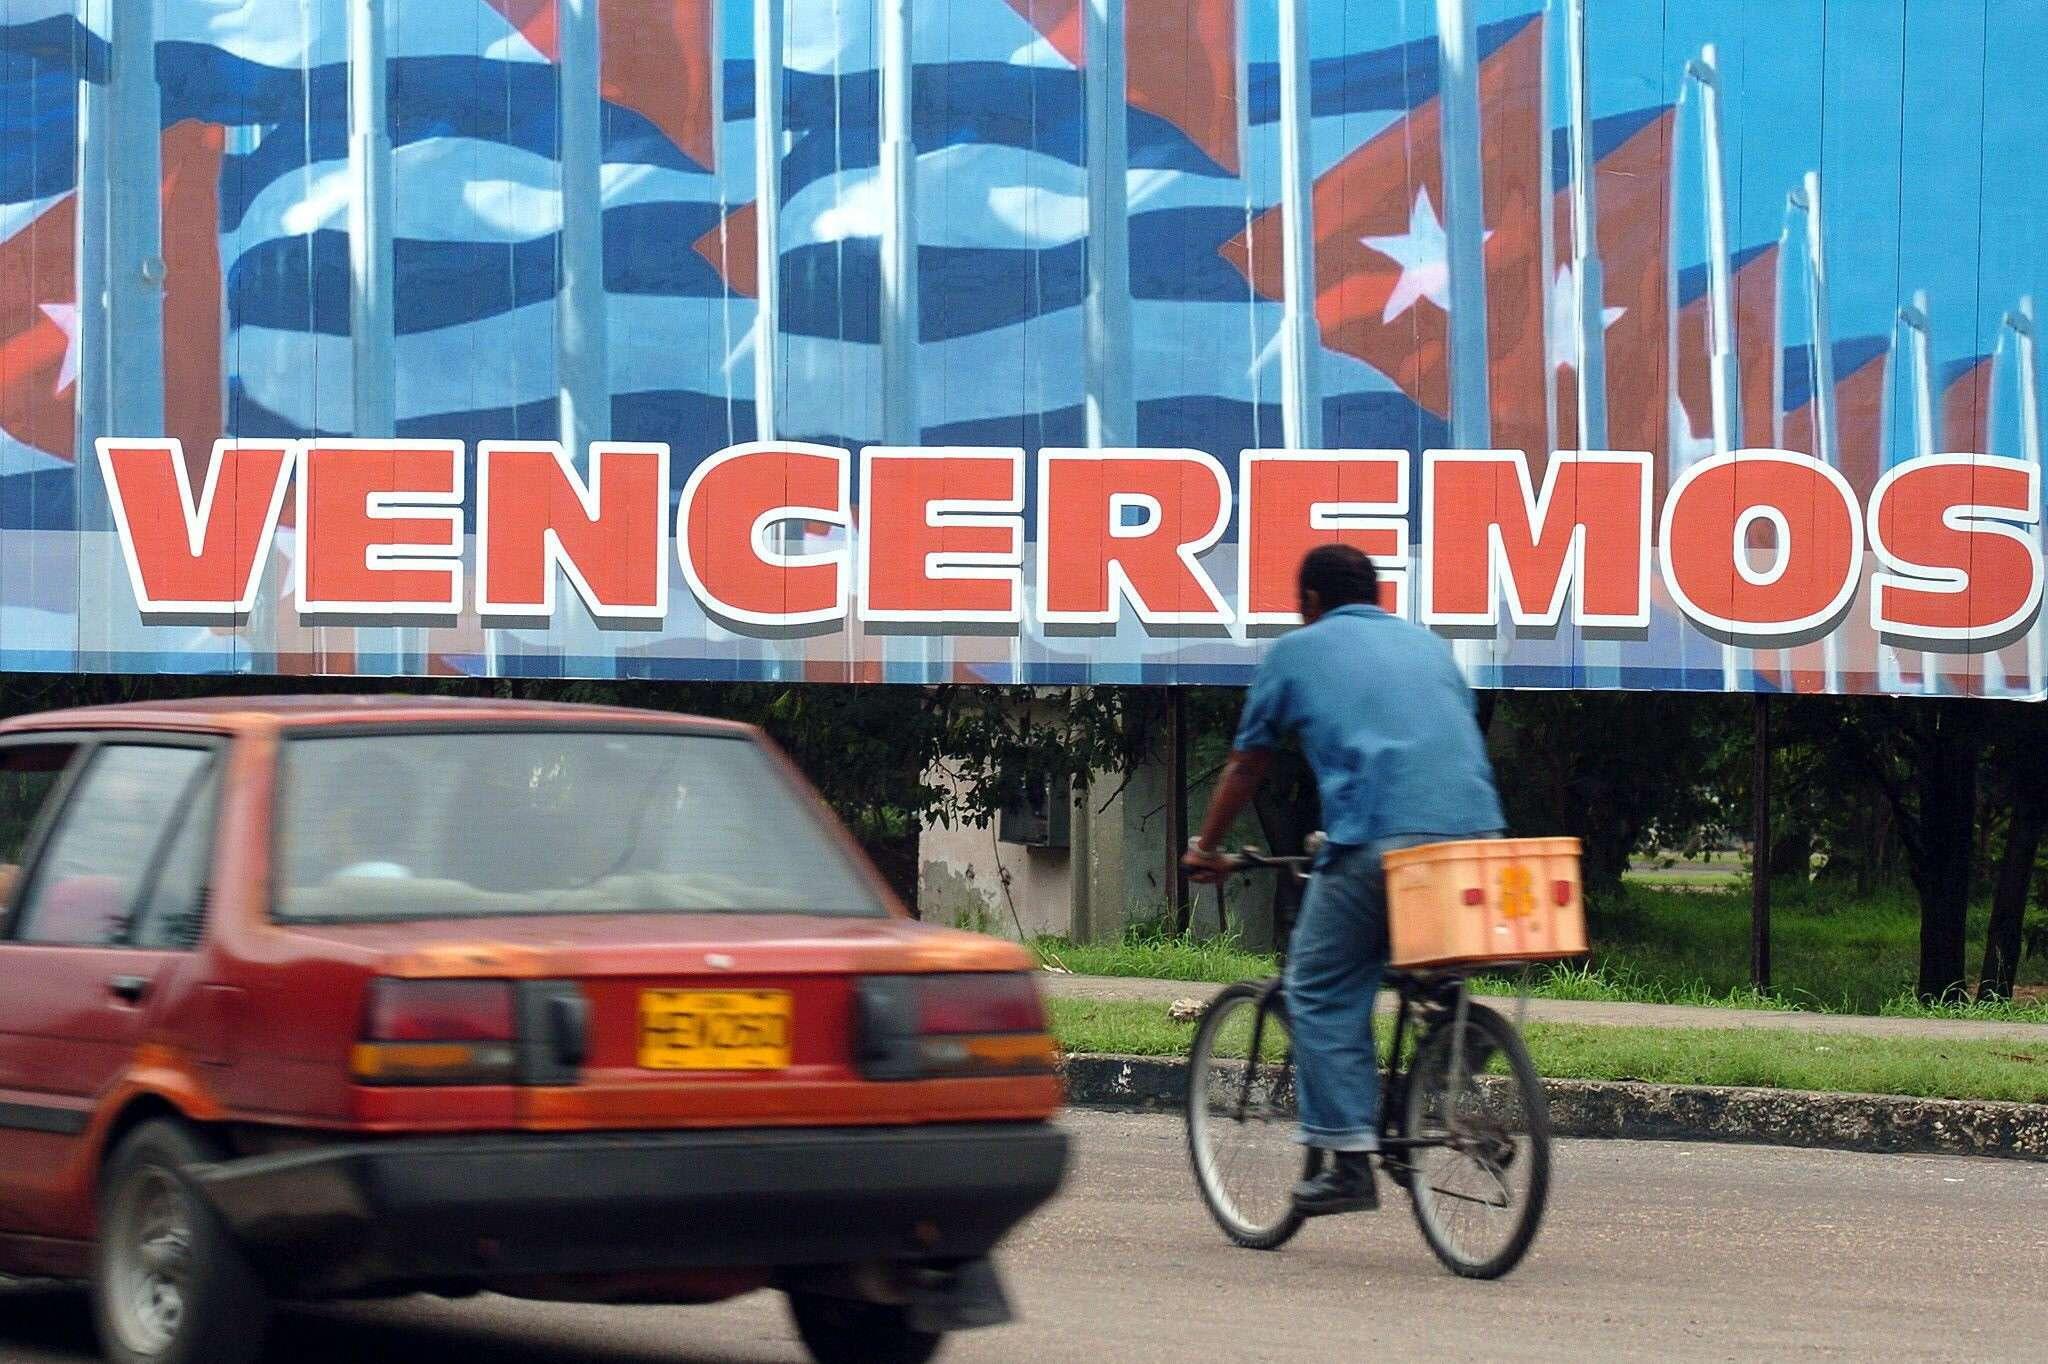 Foto de archivo, fechada en La Habana (Cuba) el 26 de diciembre de 2006, en la que figura un cartel alegórico a la revolución cubana. Barack Obama, ha ordenado hoy iniciar un diálogo inmediato con Cuba para restablecer las relaciones diplomáticas entre ambos países, rotas desde 1961. Foto: EFE en español